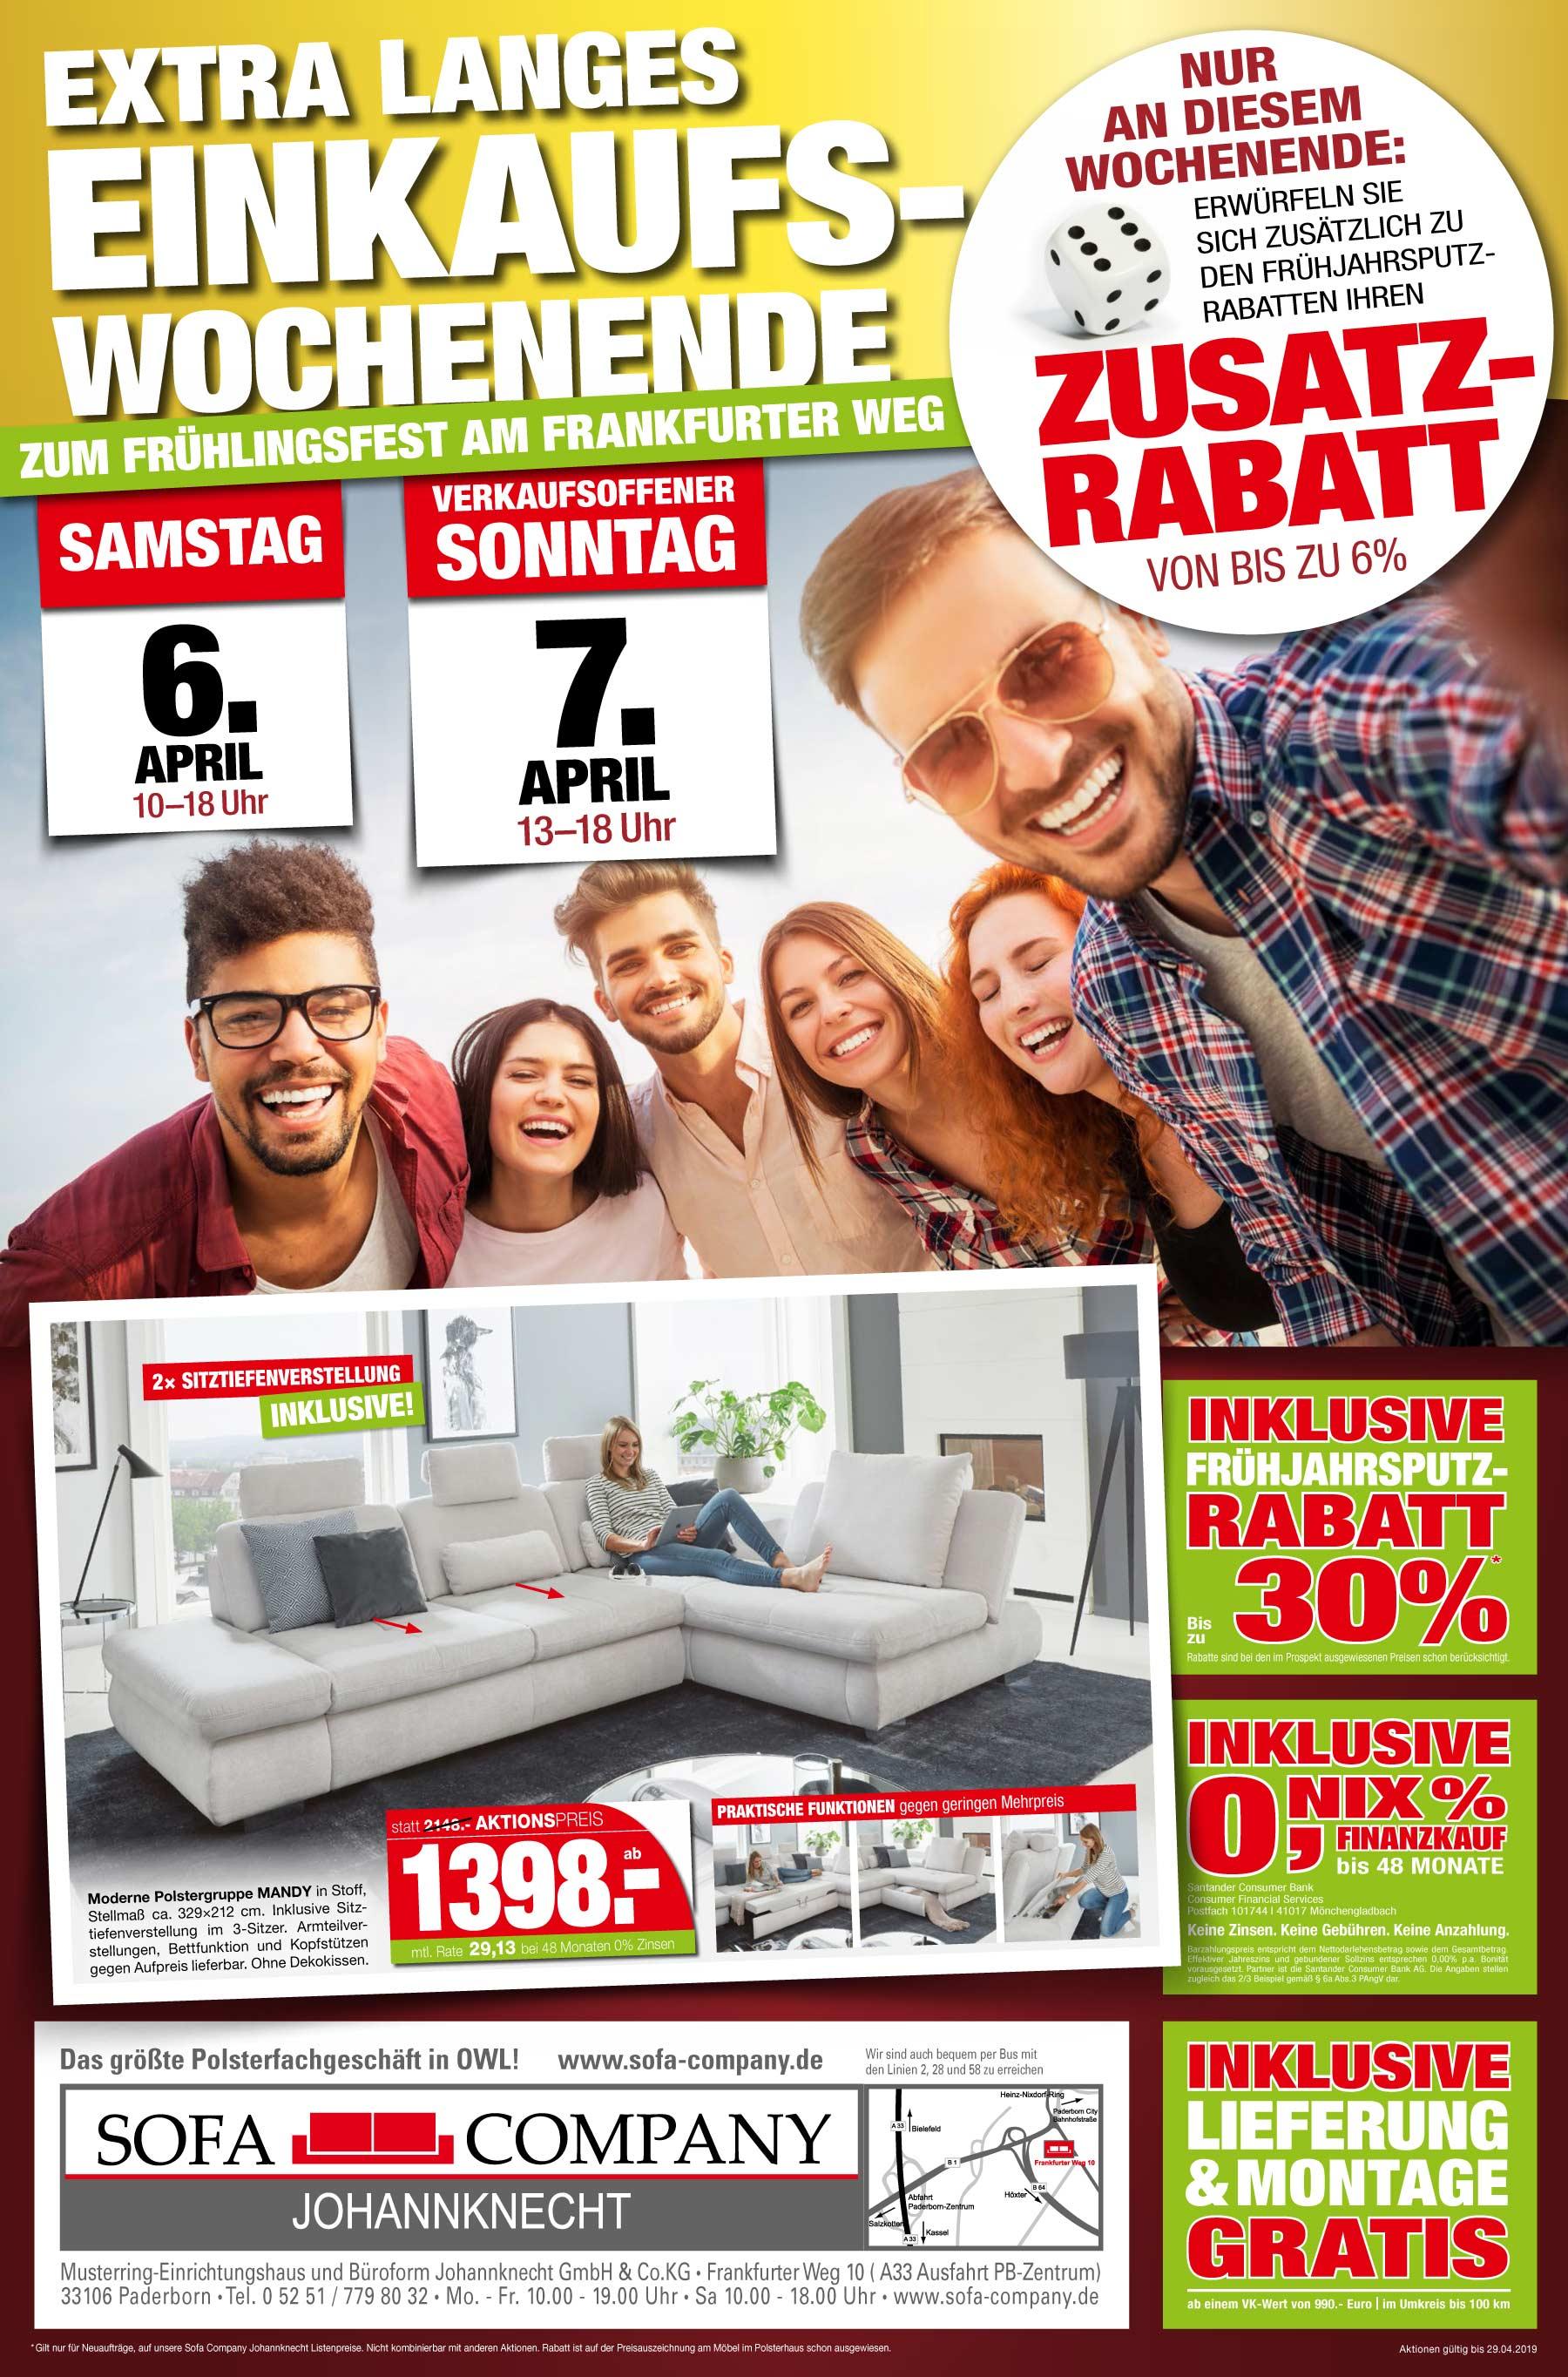 fr hlingsfest frankfurter weg 07 april 2019 sofa company in paderborn. Black Bedroom Furniture Sets. Home Design Ideas